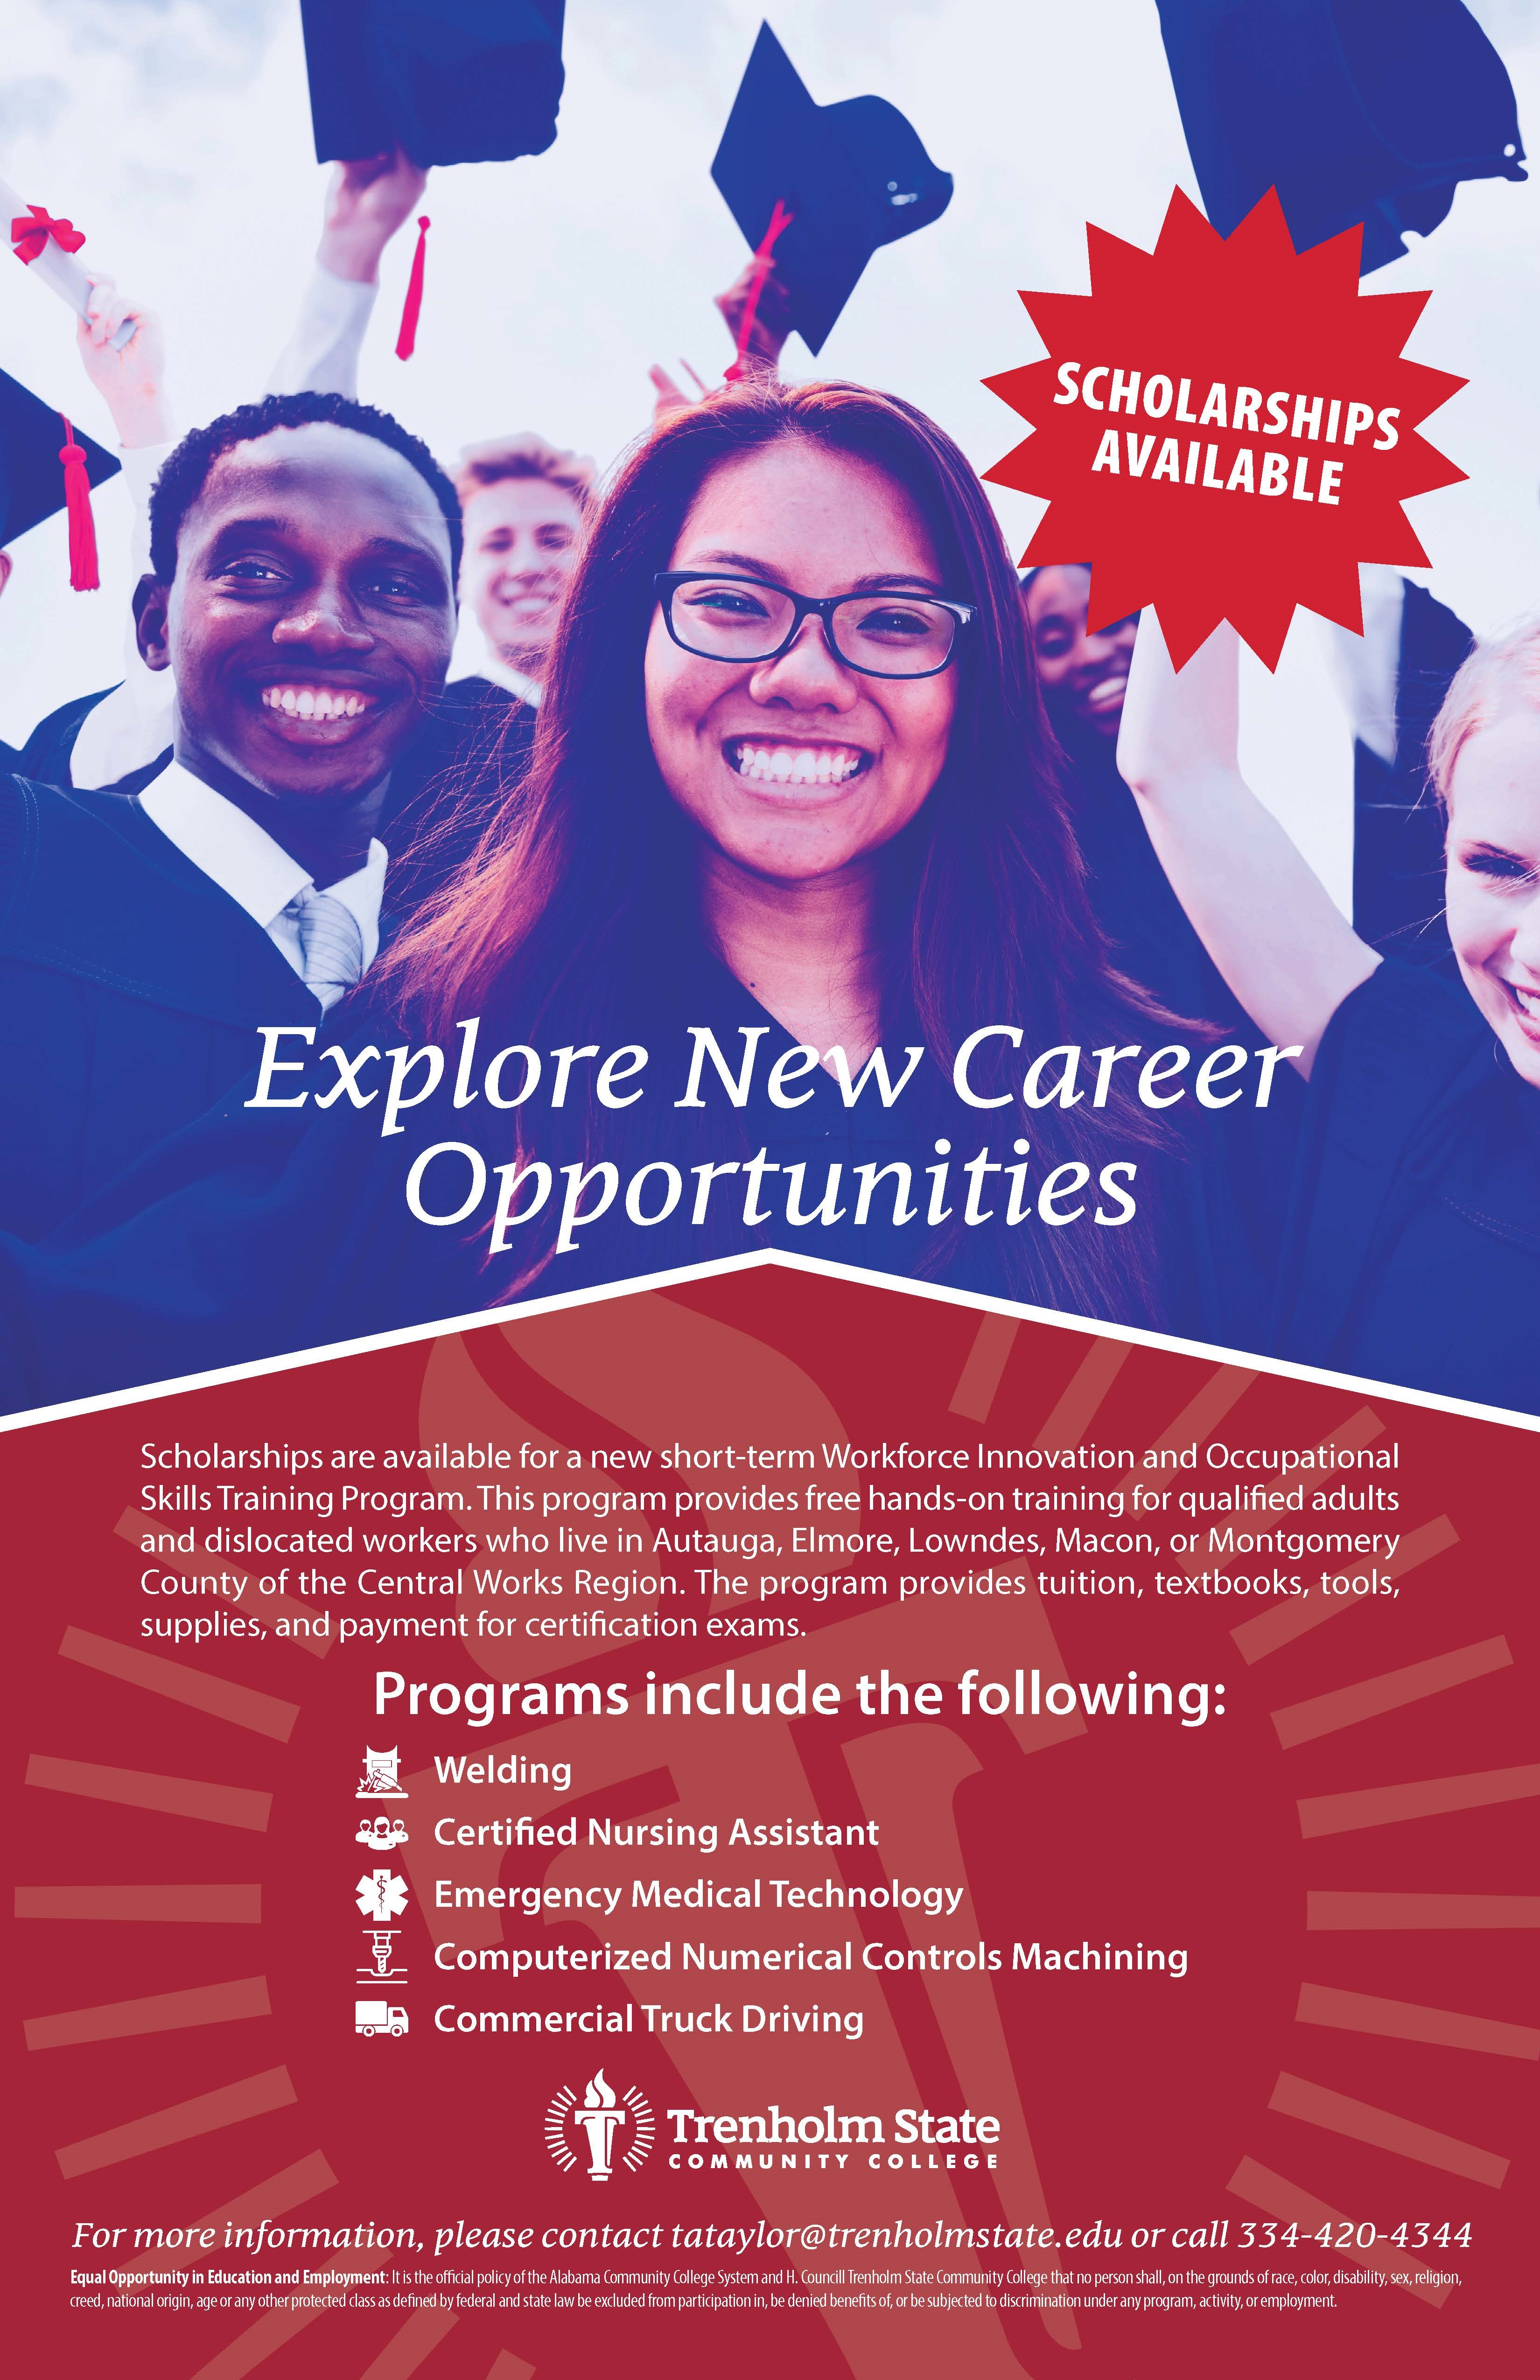 ew Career Opportunities